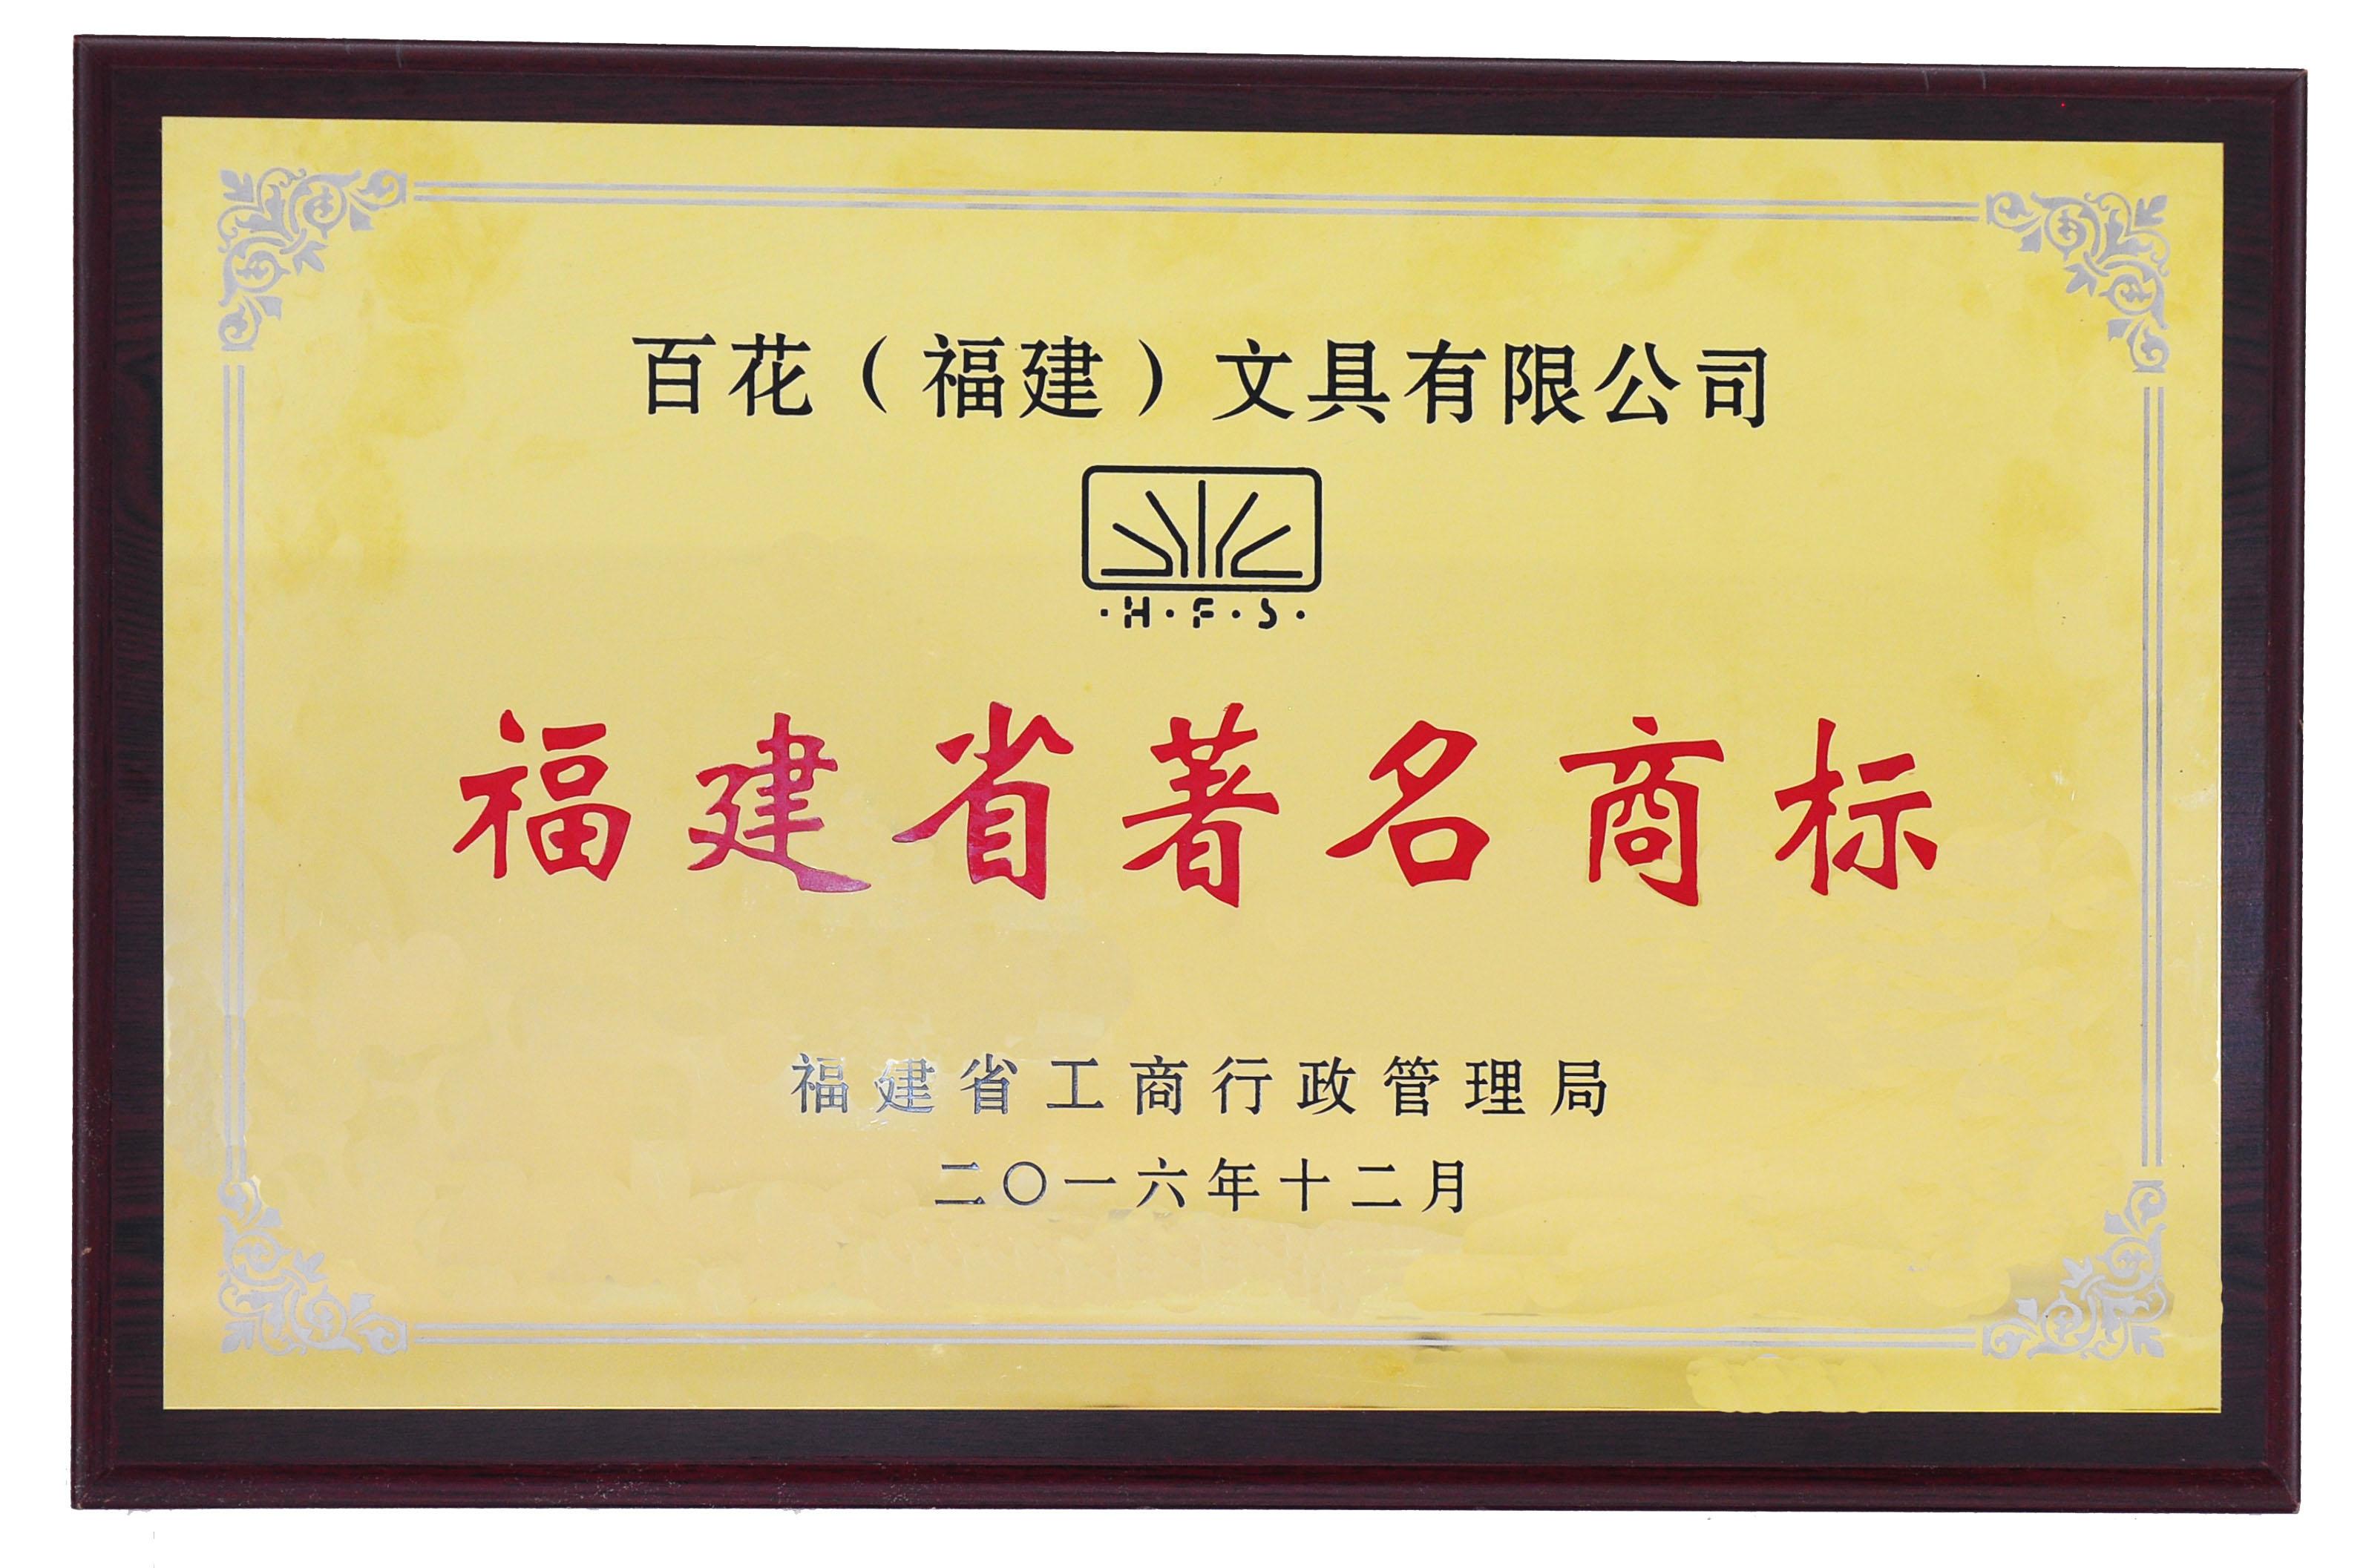 福建著名商标<br /> Famous Brand of Fujian Province